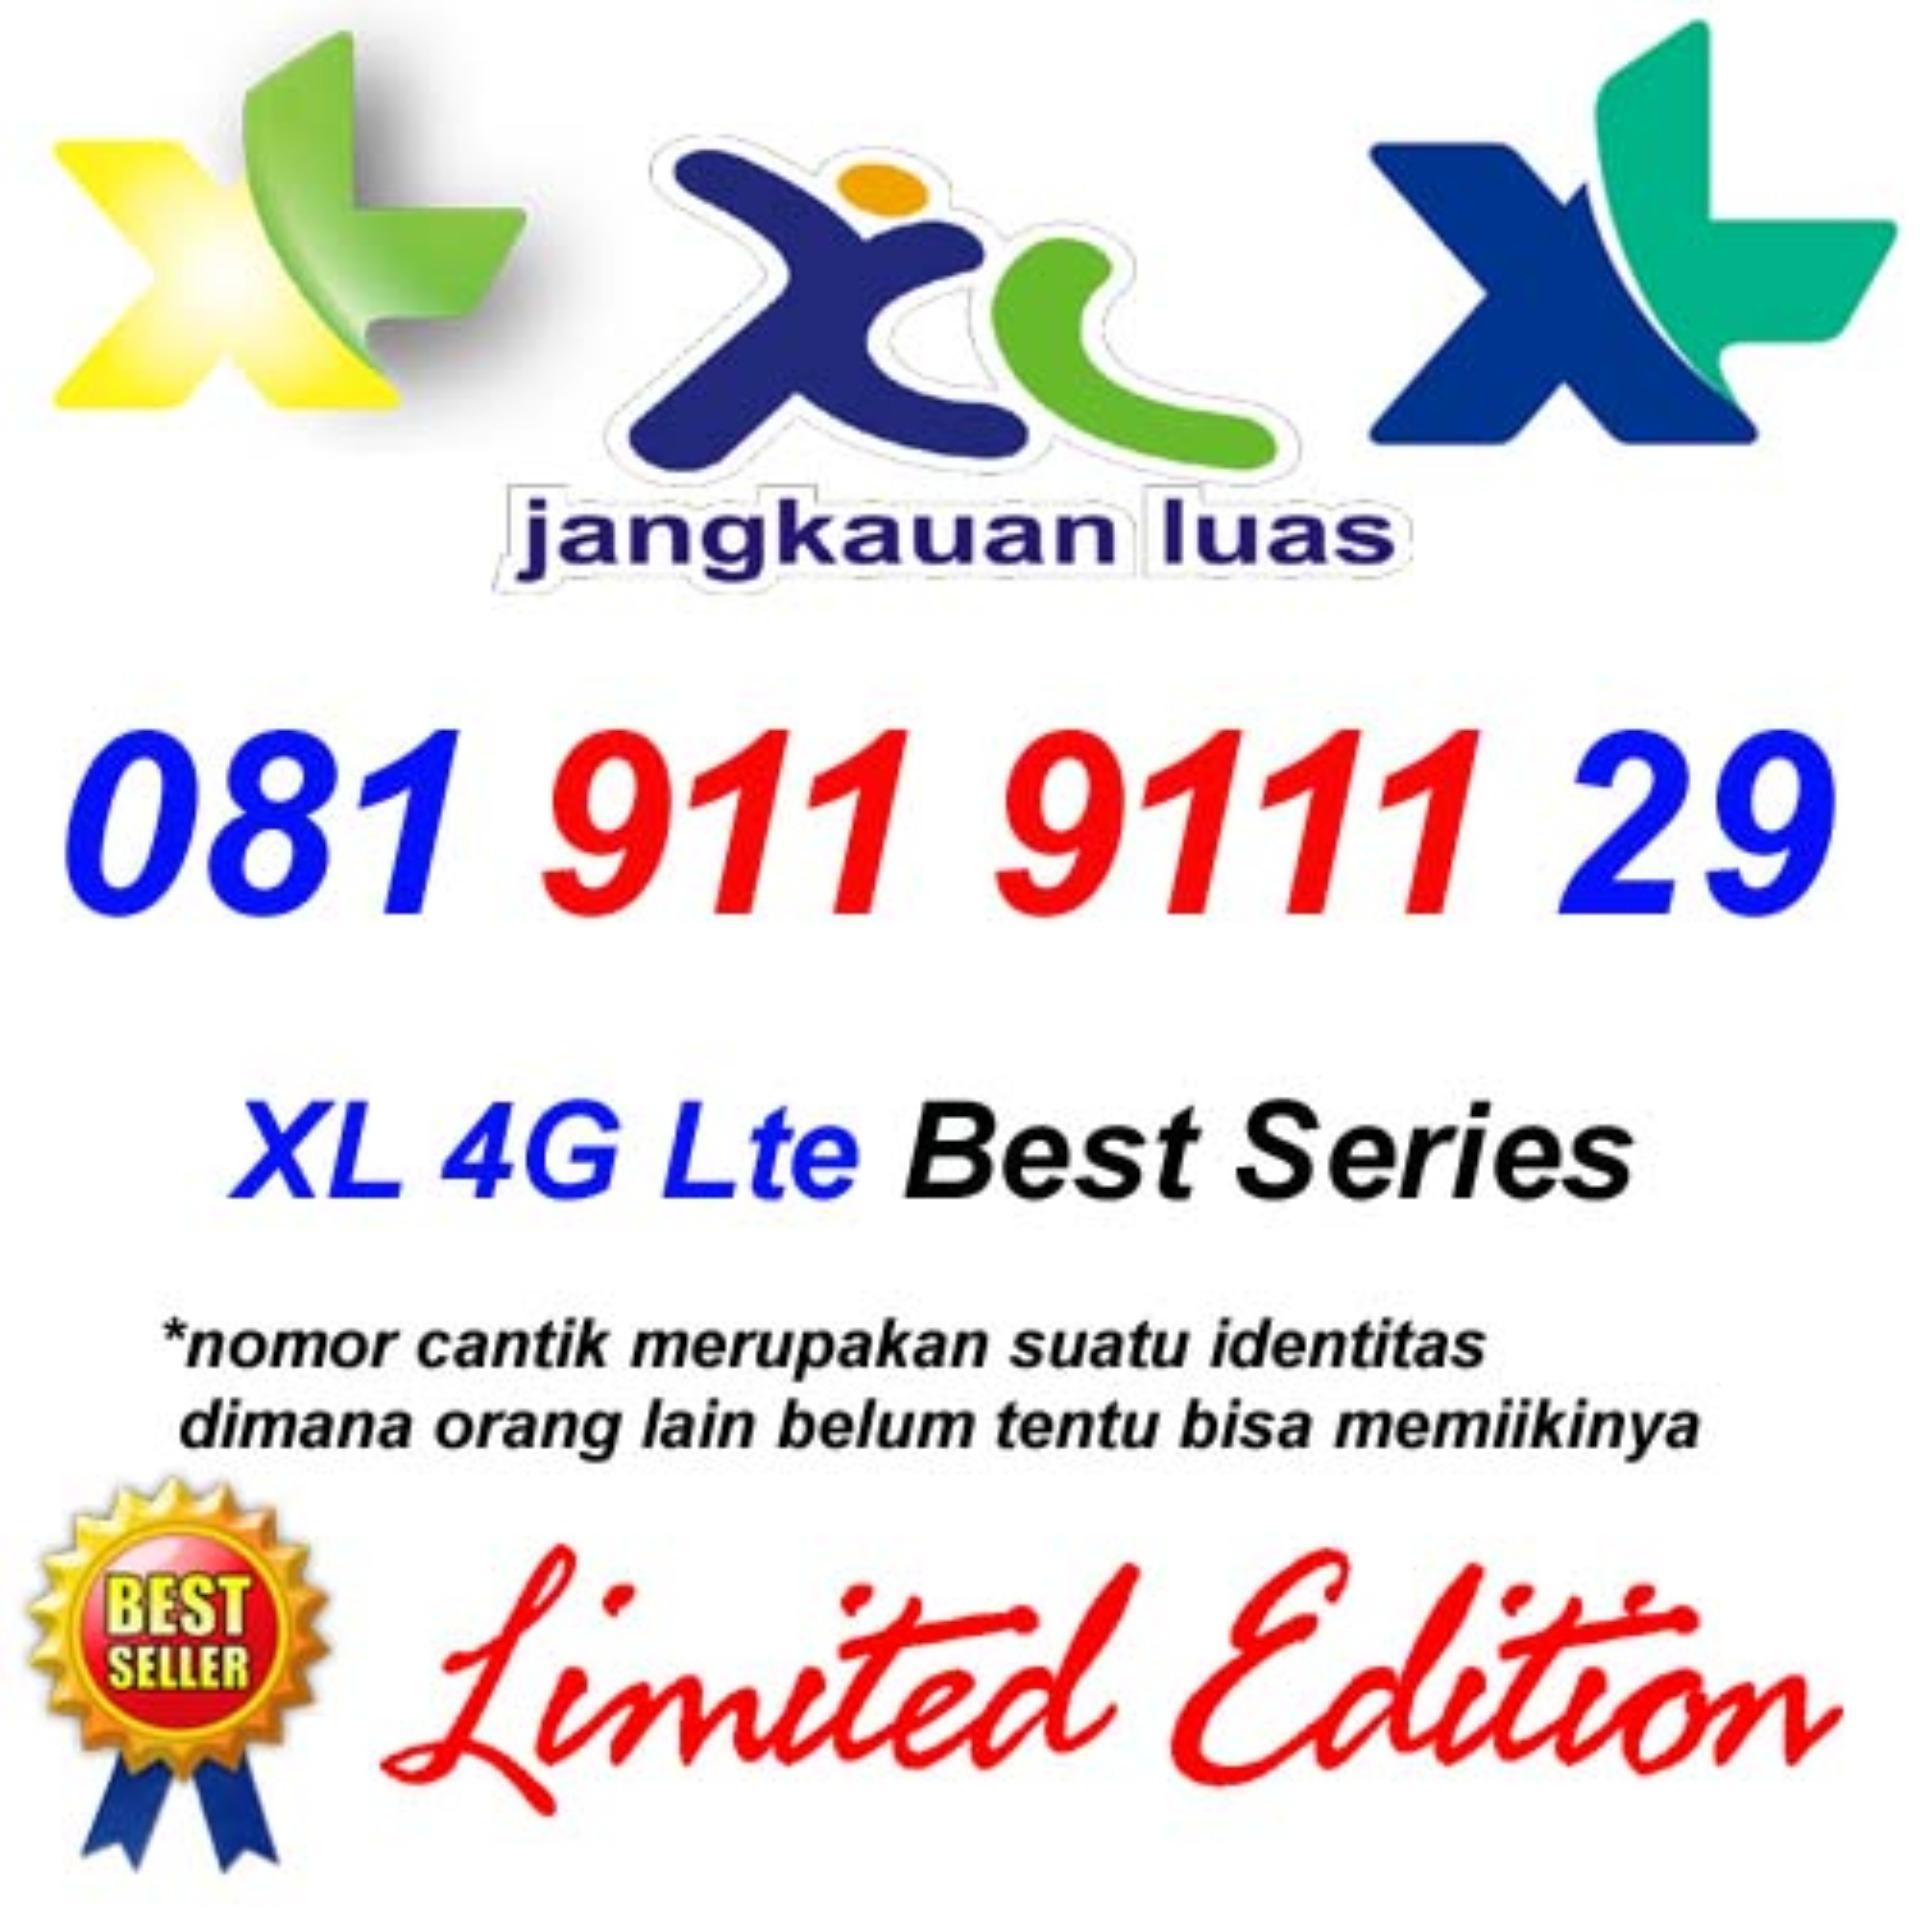 Kartu XL 4G Lte 081 911 9111 29 Perdana Nomor Cantik